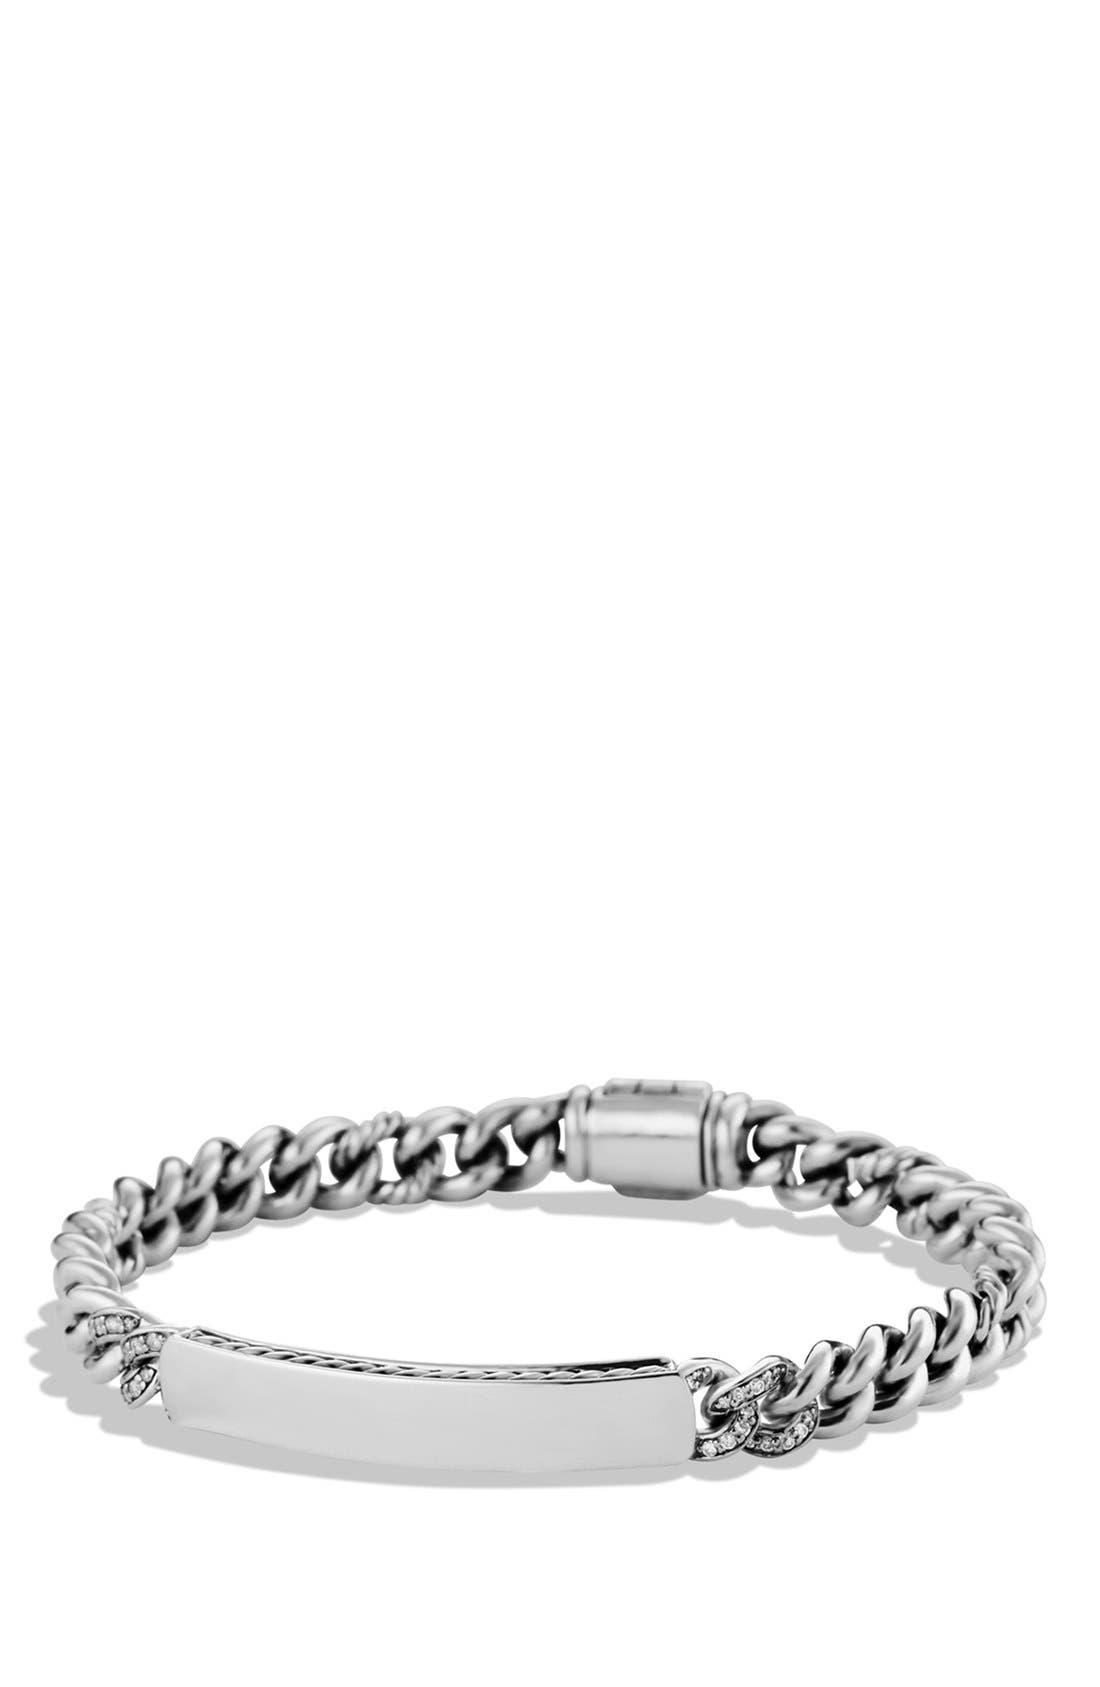 'Petite Pavé' Curb Link ID Bracelet with Diamonds,                             Main thumbnail 1, color,                             040